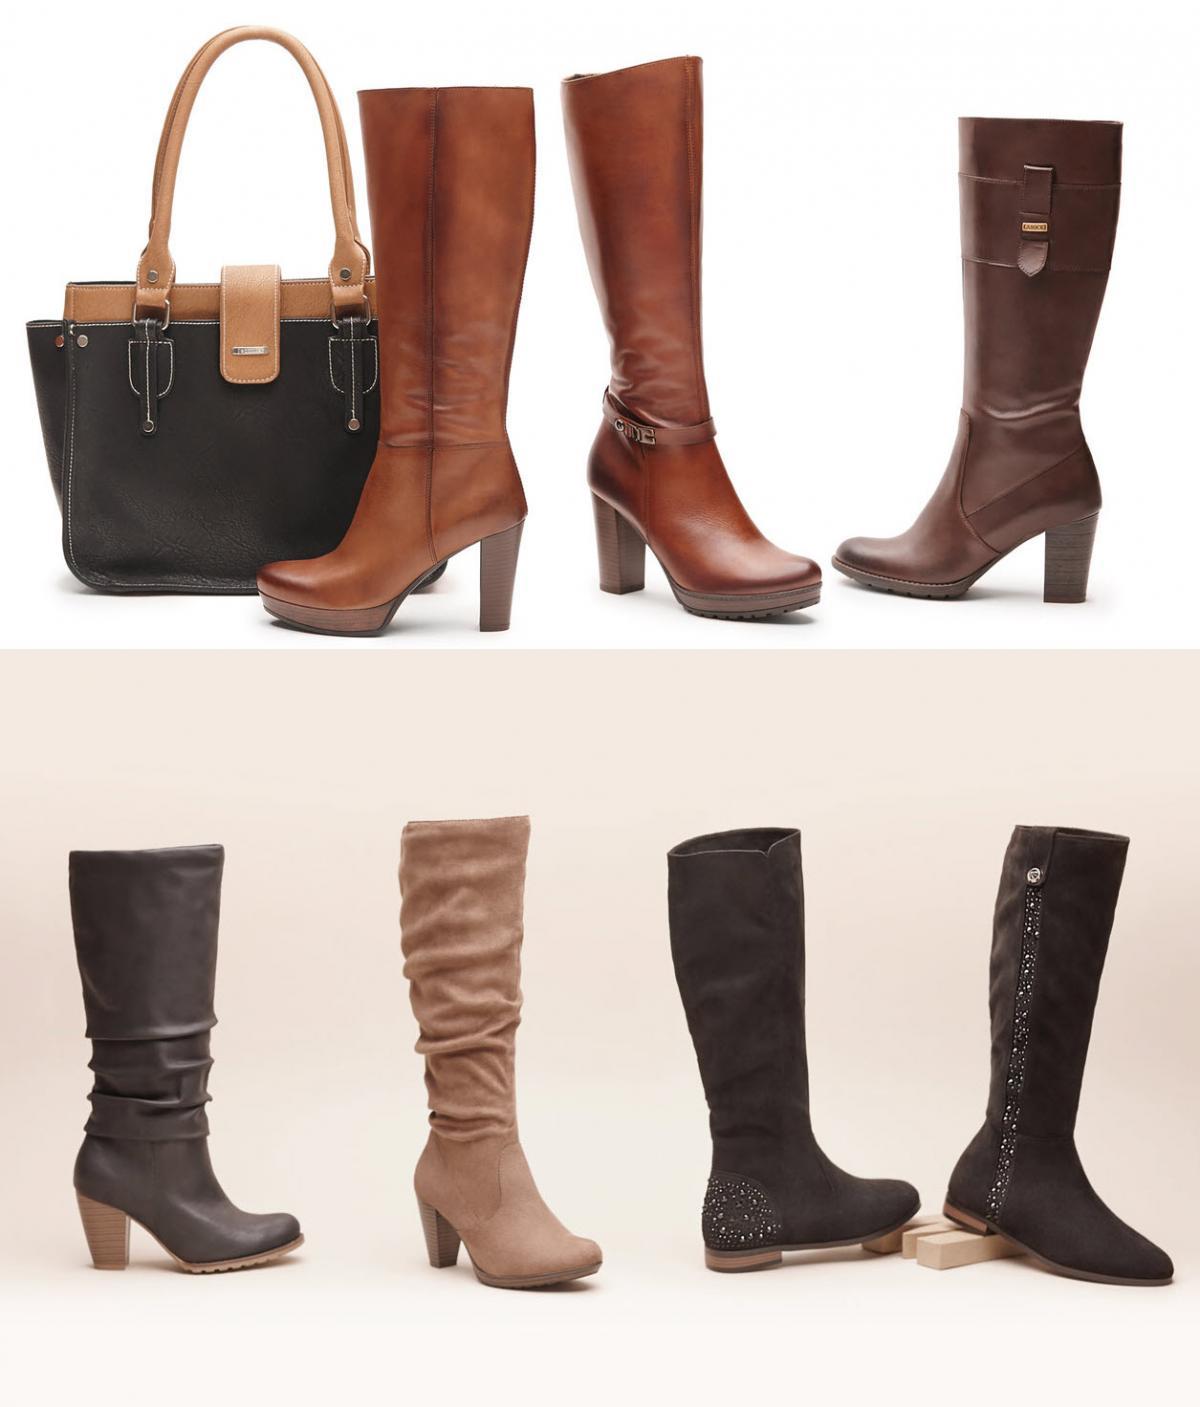 08028774 Kozaki CCC – przegląd butów na jesień i zimę 2013/2014 - Trendy ...